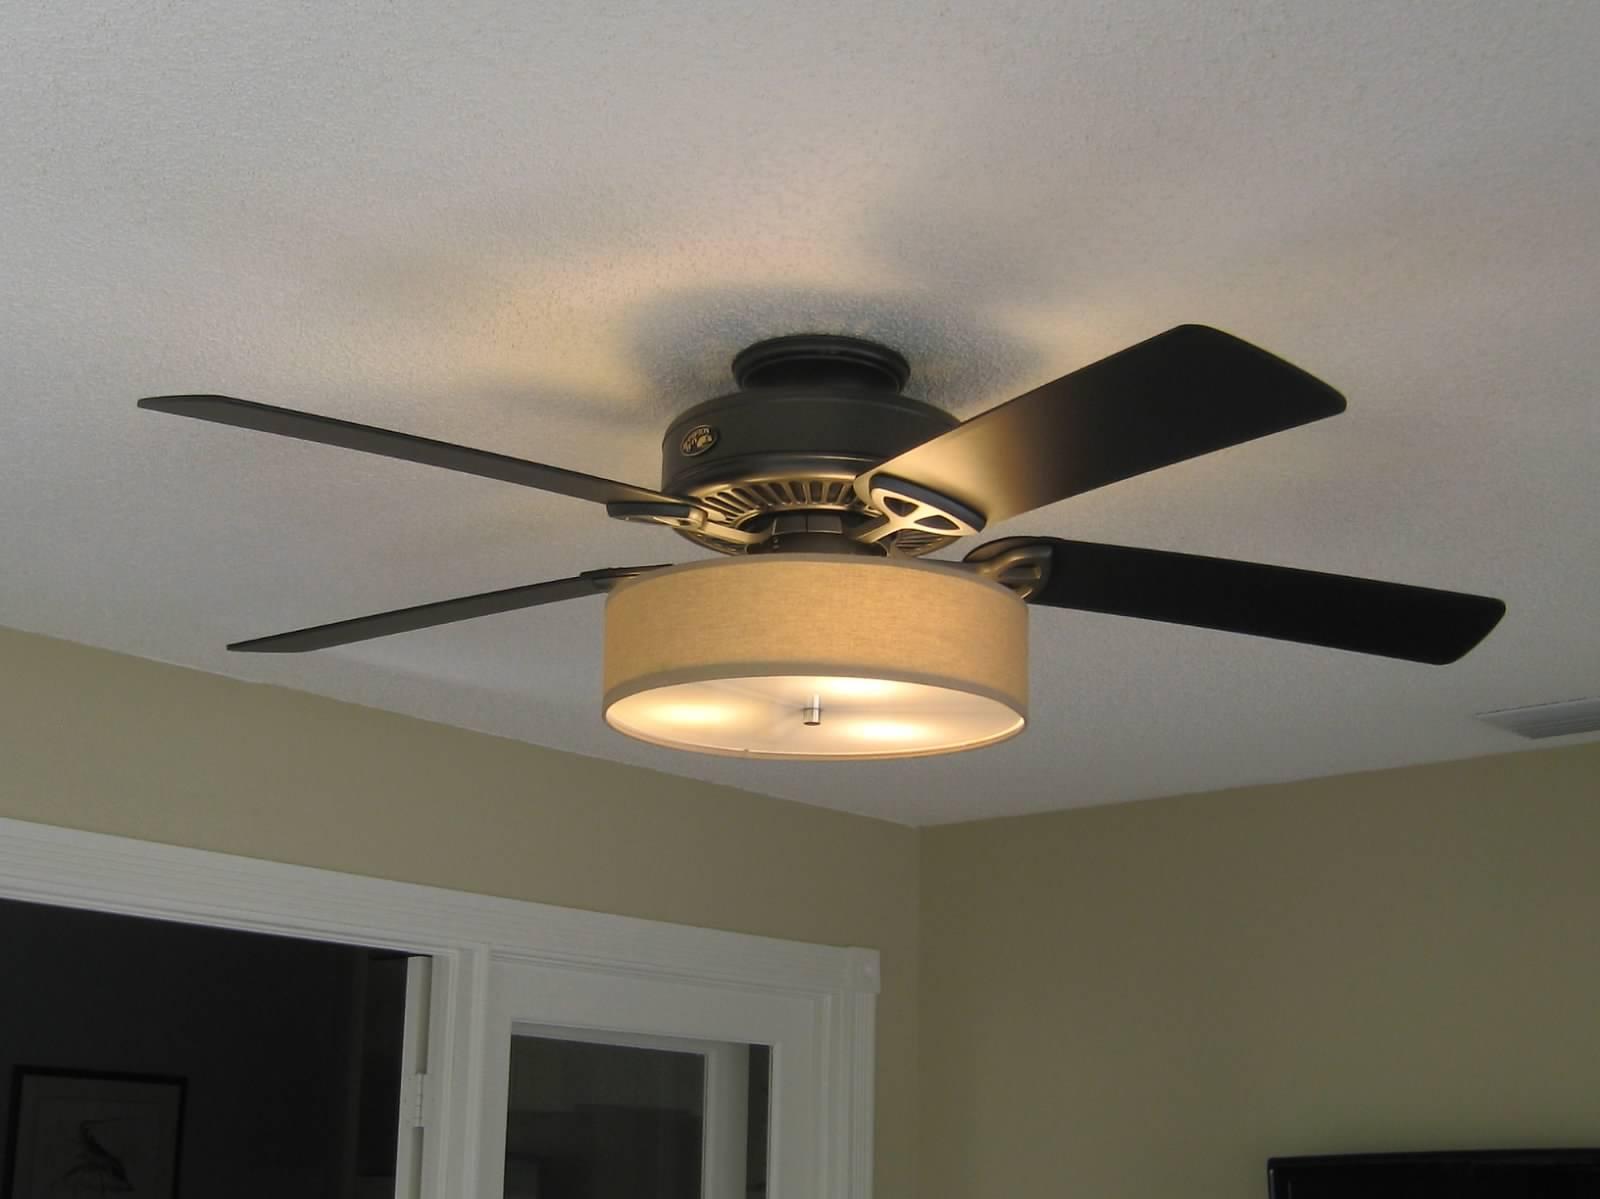 How Change Light Bulb Monte Carlo Ceiling Fan